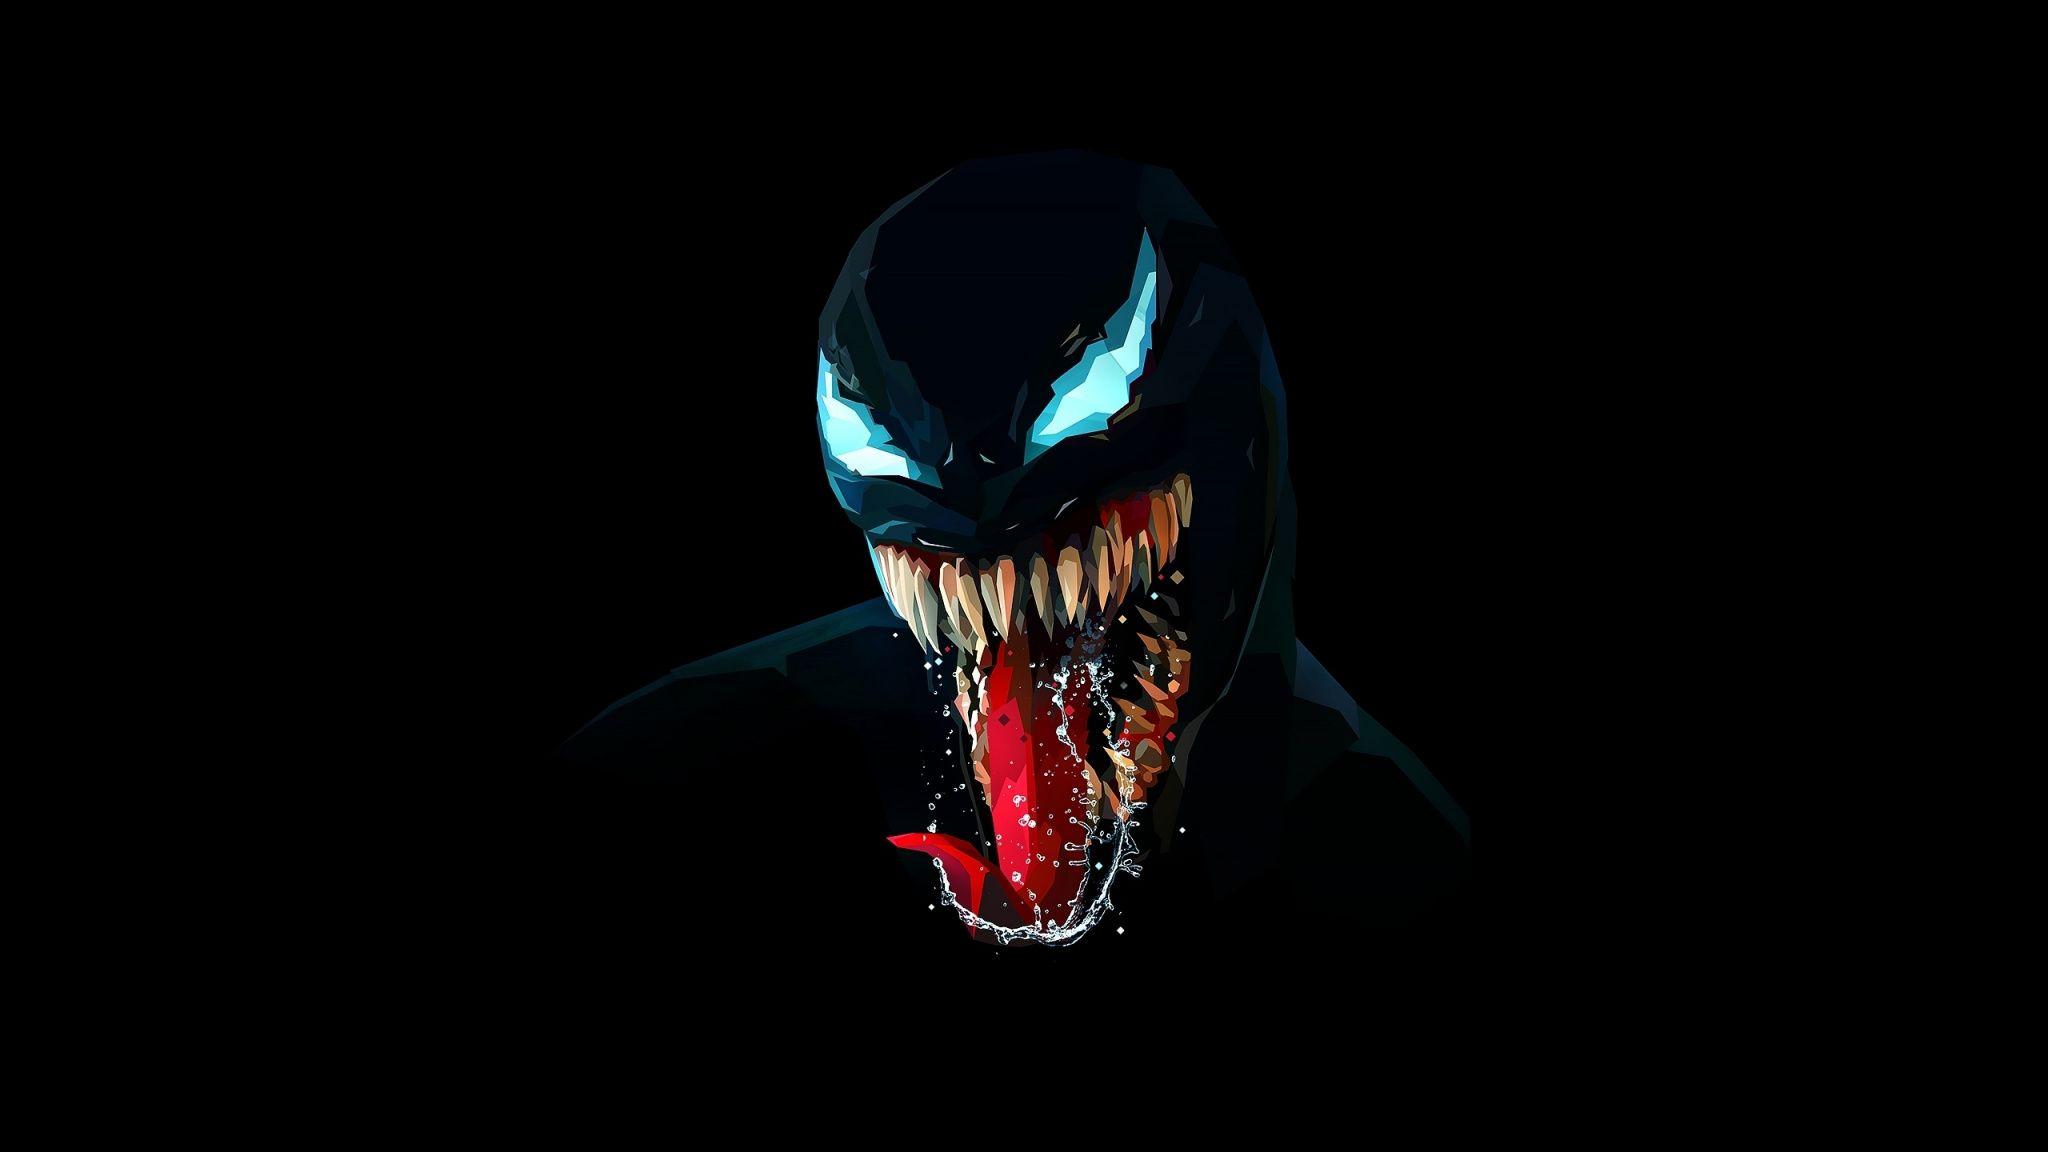 venom wallpaper, venom hd wallpaper